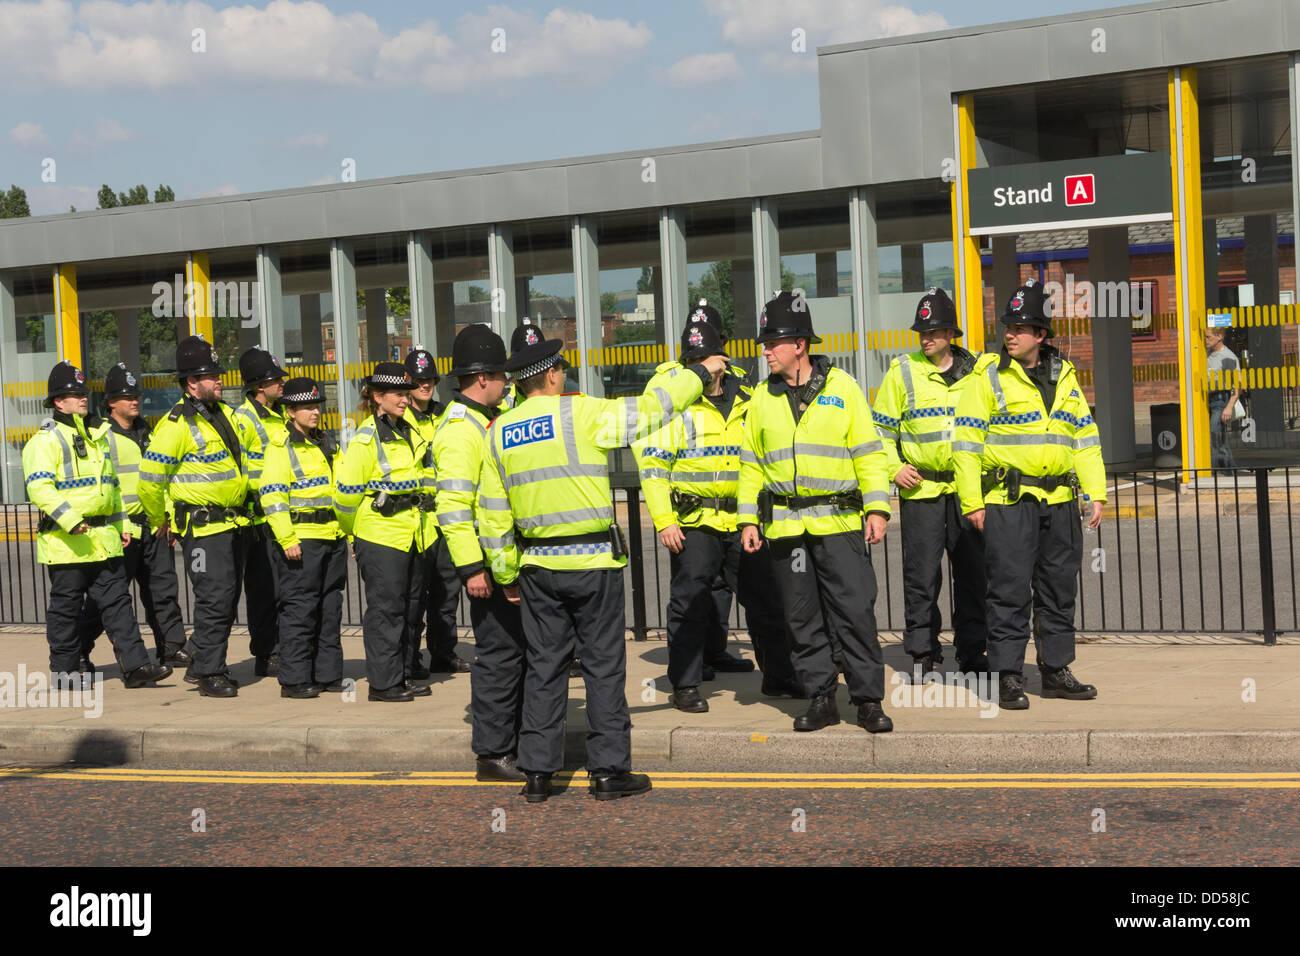 Bolton, Lancashire, UK. 26. August 2013. Eine starker Polizeipräsenz wird bereitgestellt, um Trinity Street, Stockbild